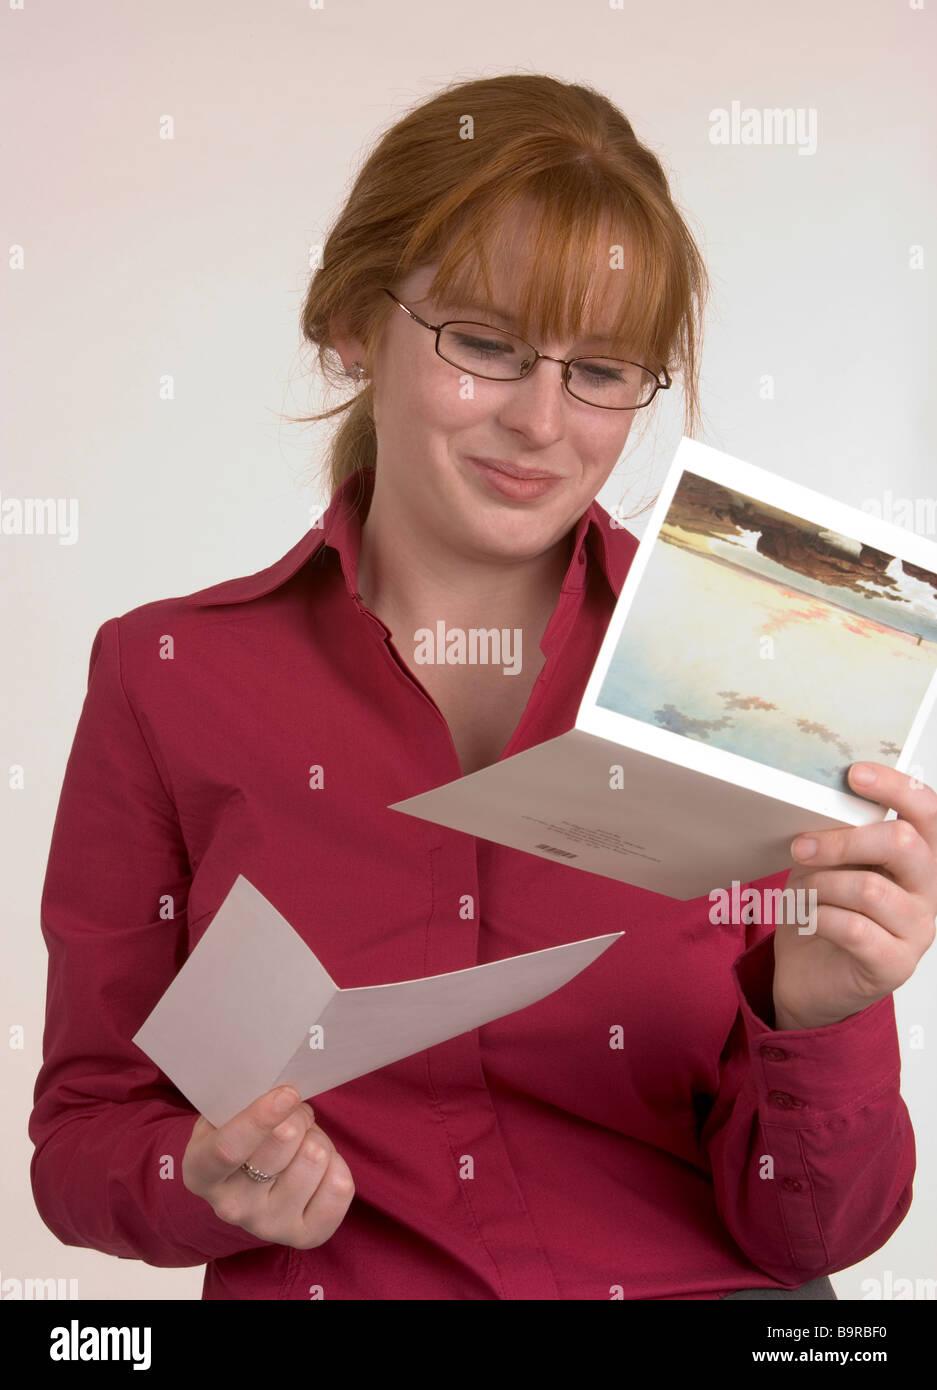 Eine Frau liest eine Karte, die einige frohe Botschaft übermittelt hat, die ihr Lächeln gemacht hat Stockbild